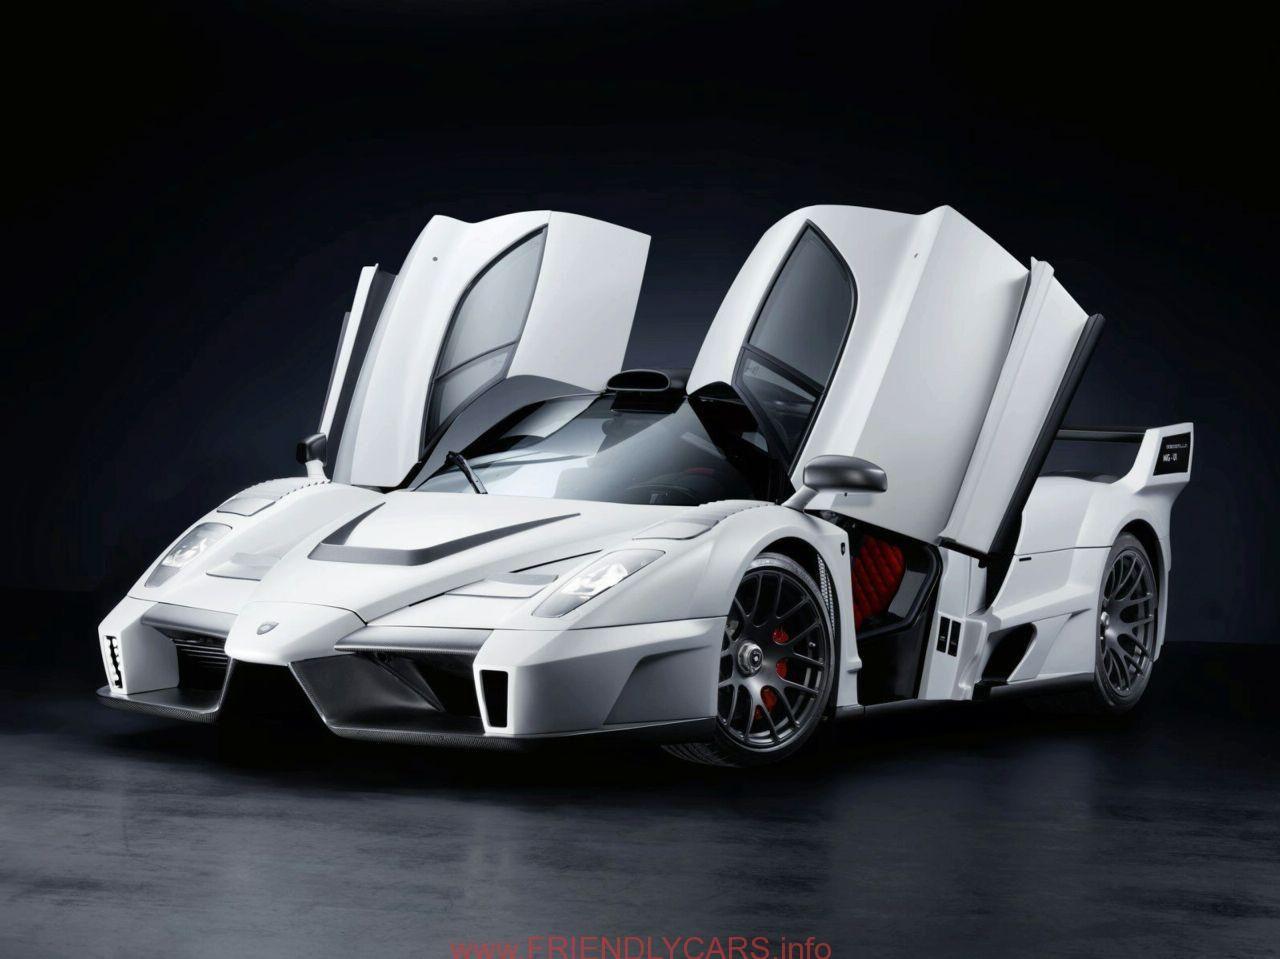 cool enzo ferrari car black car images hd white ferrari enzo wallpaper hd hdwallpapers - Ferrari Enzo 2013 White